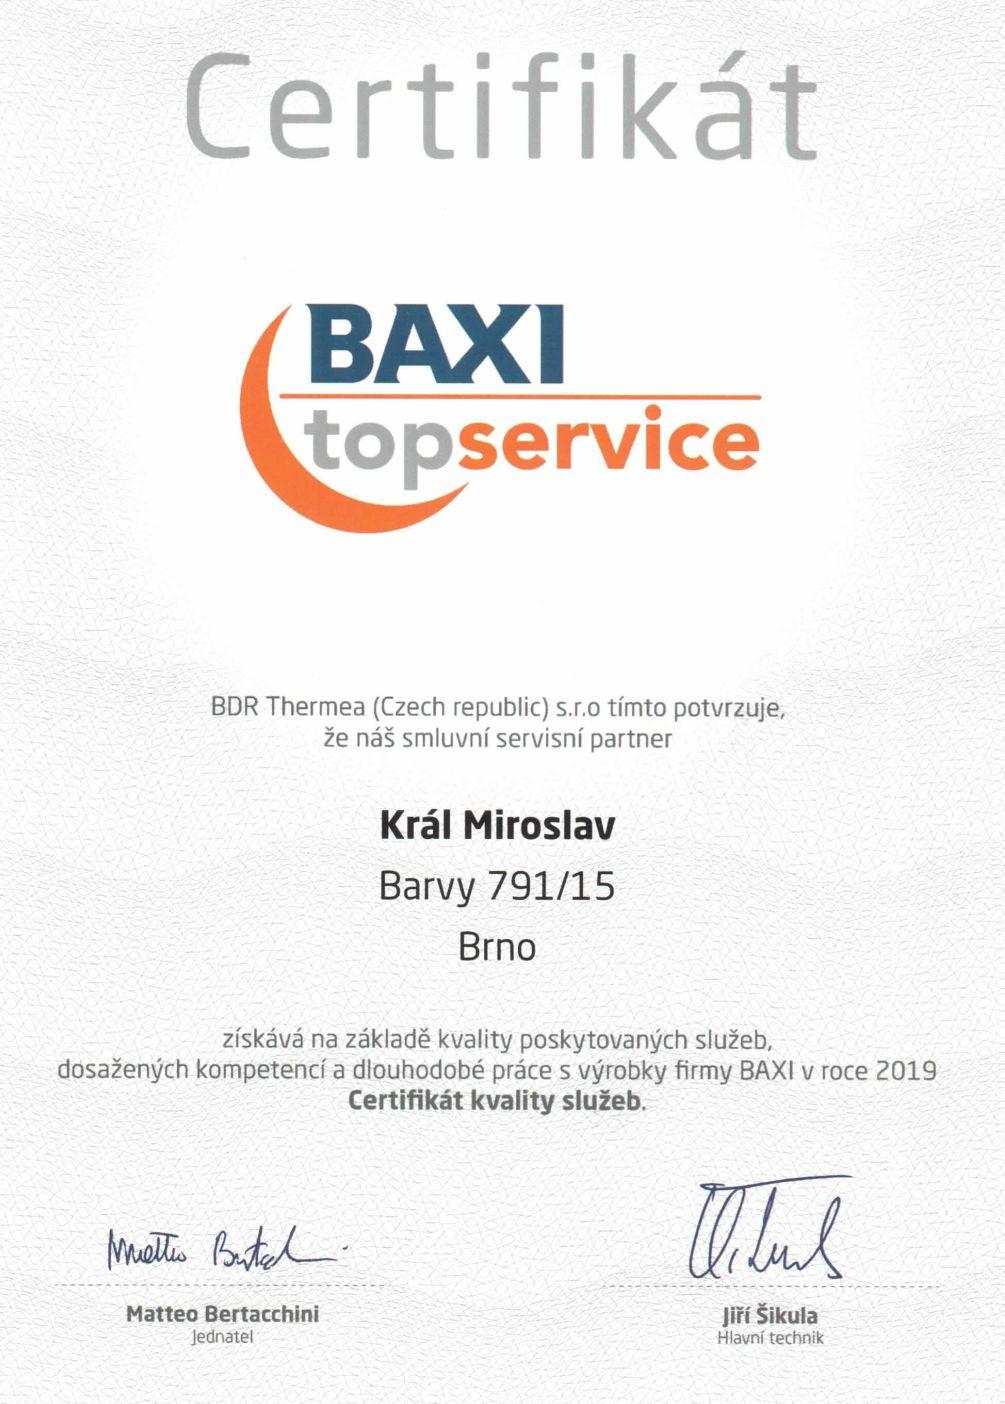 BAXI Top Service